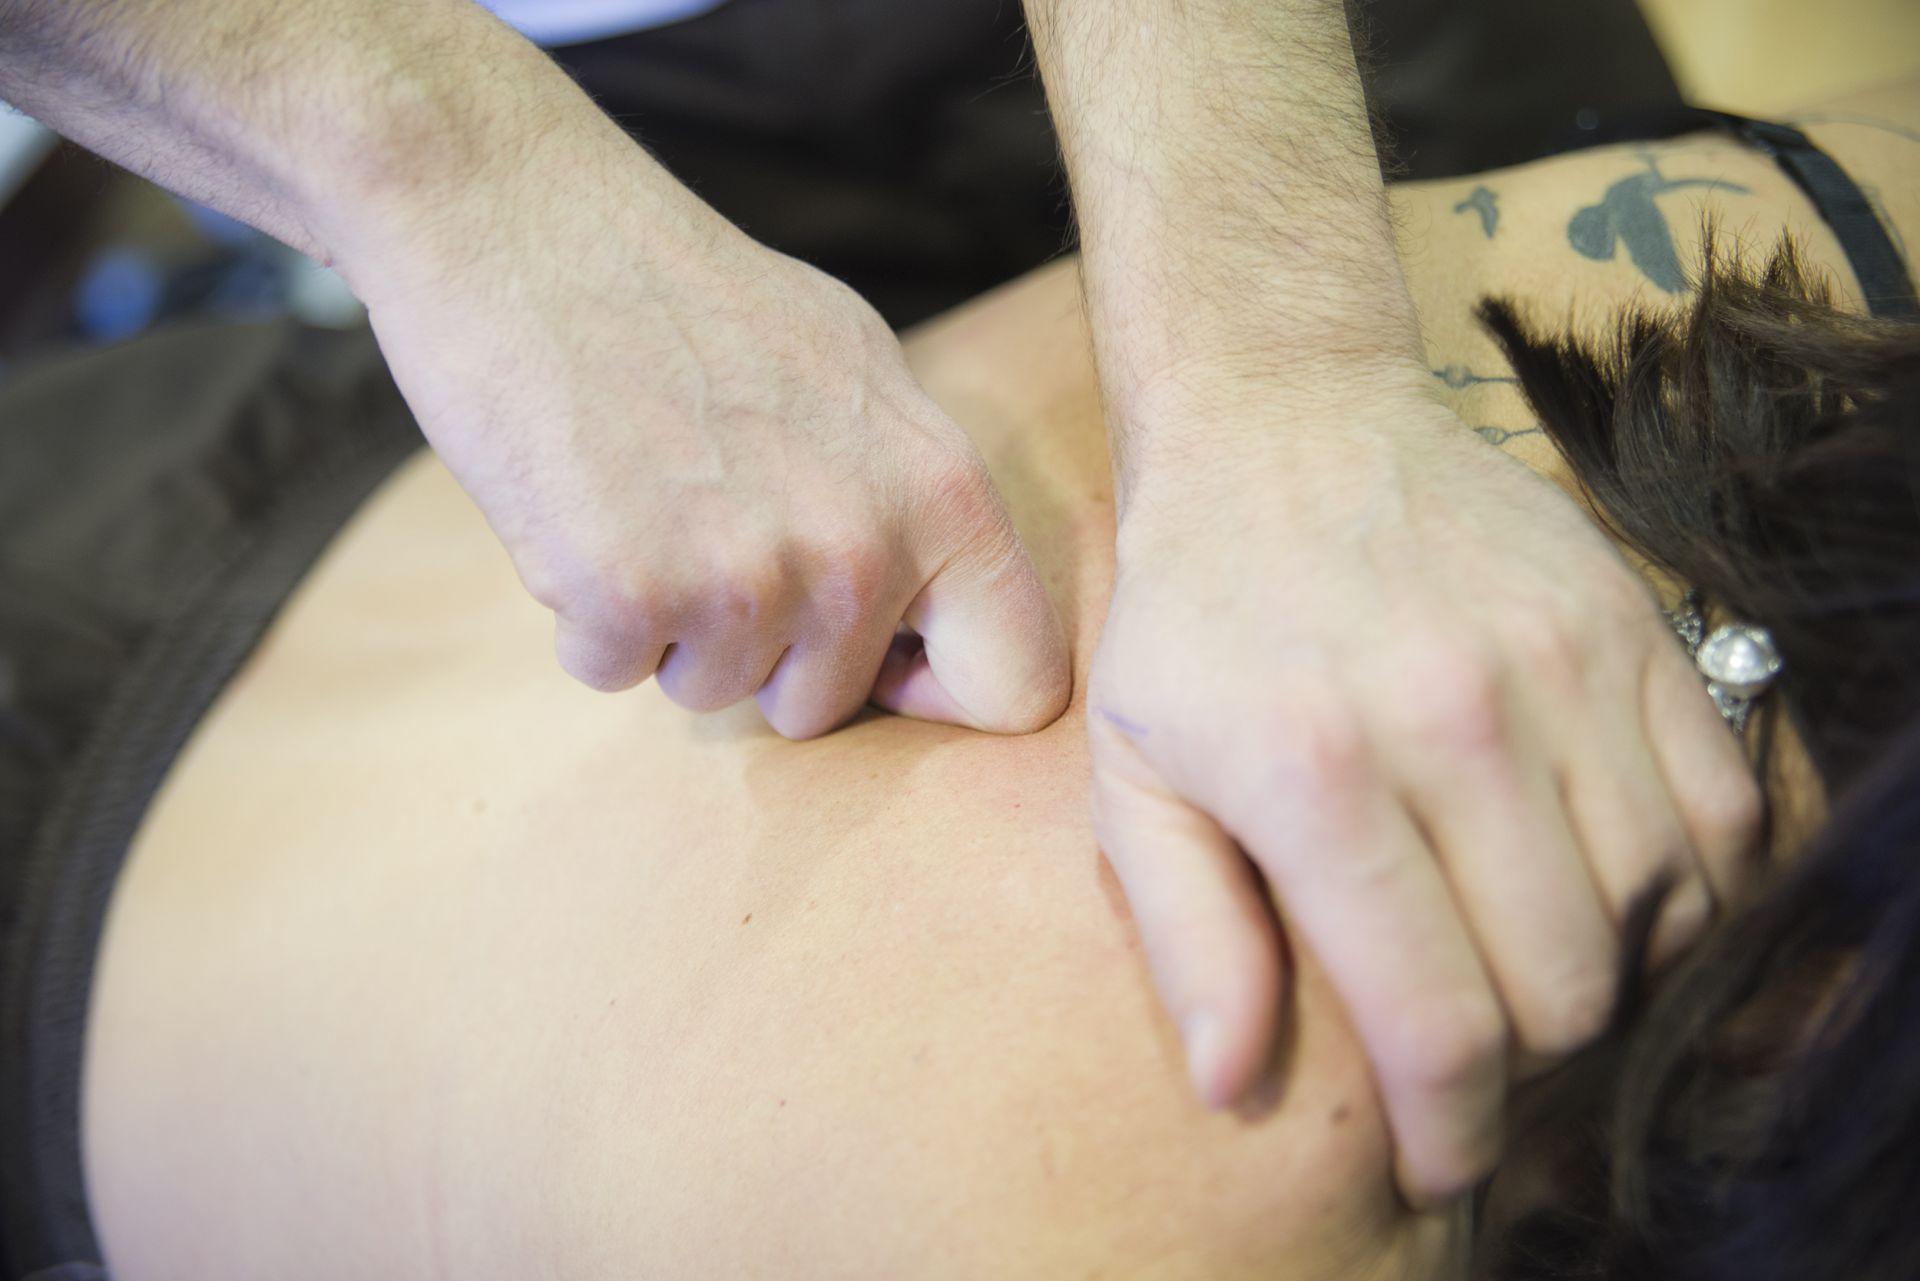 Picture Vídeos de ejercicios de espalda